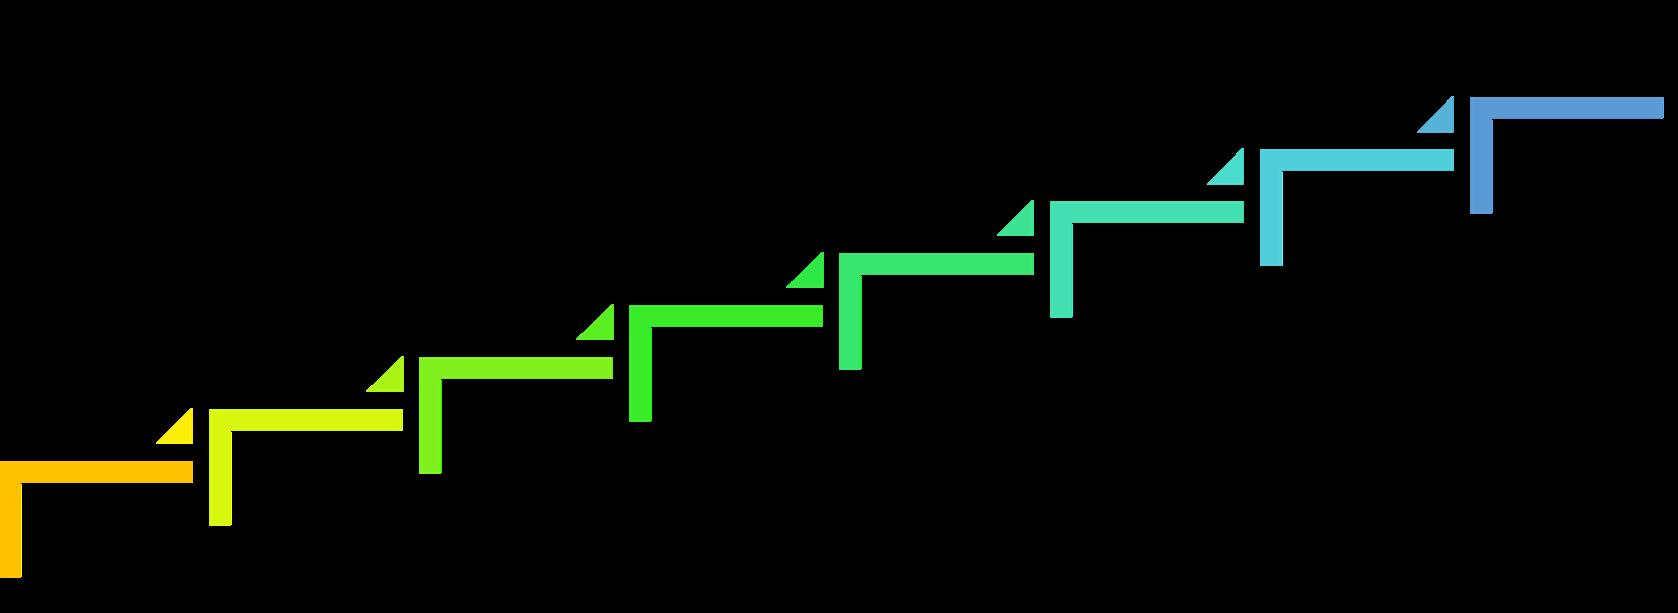 Change Management Models - Kotter 8 Step Model